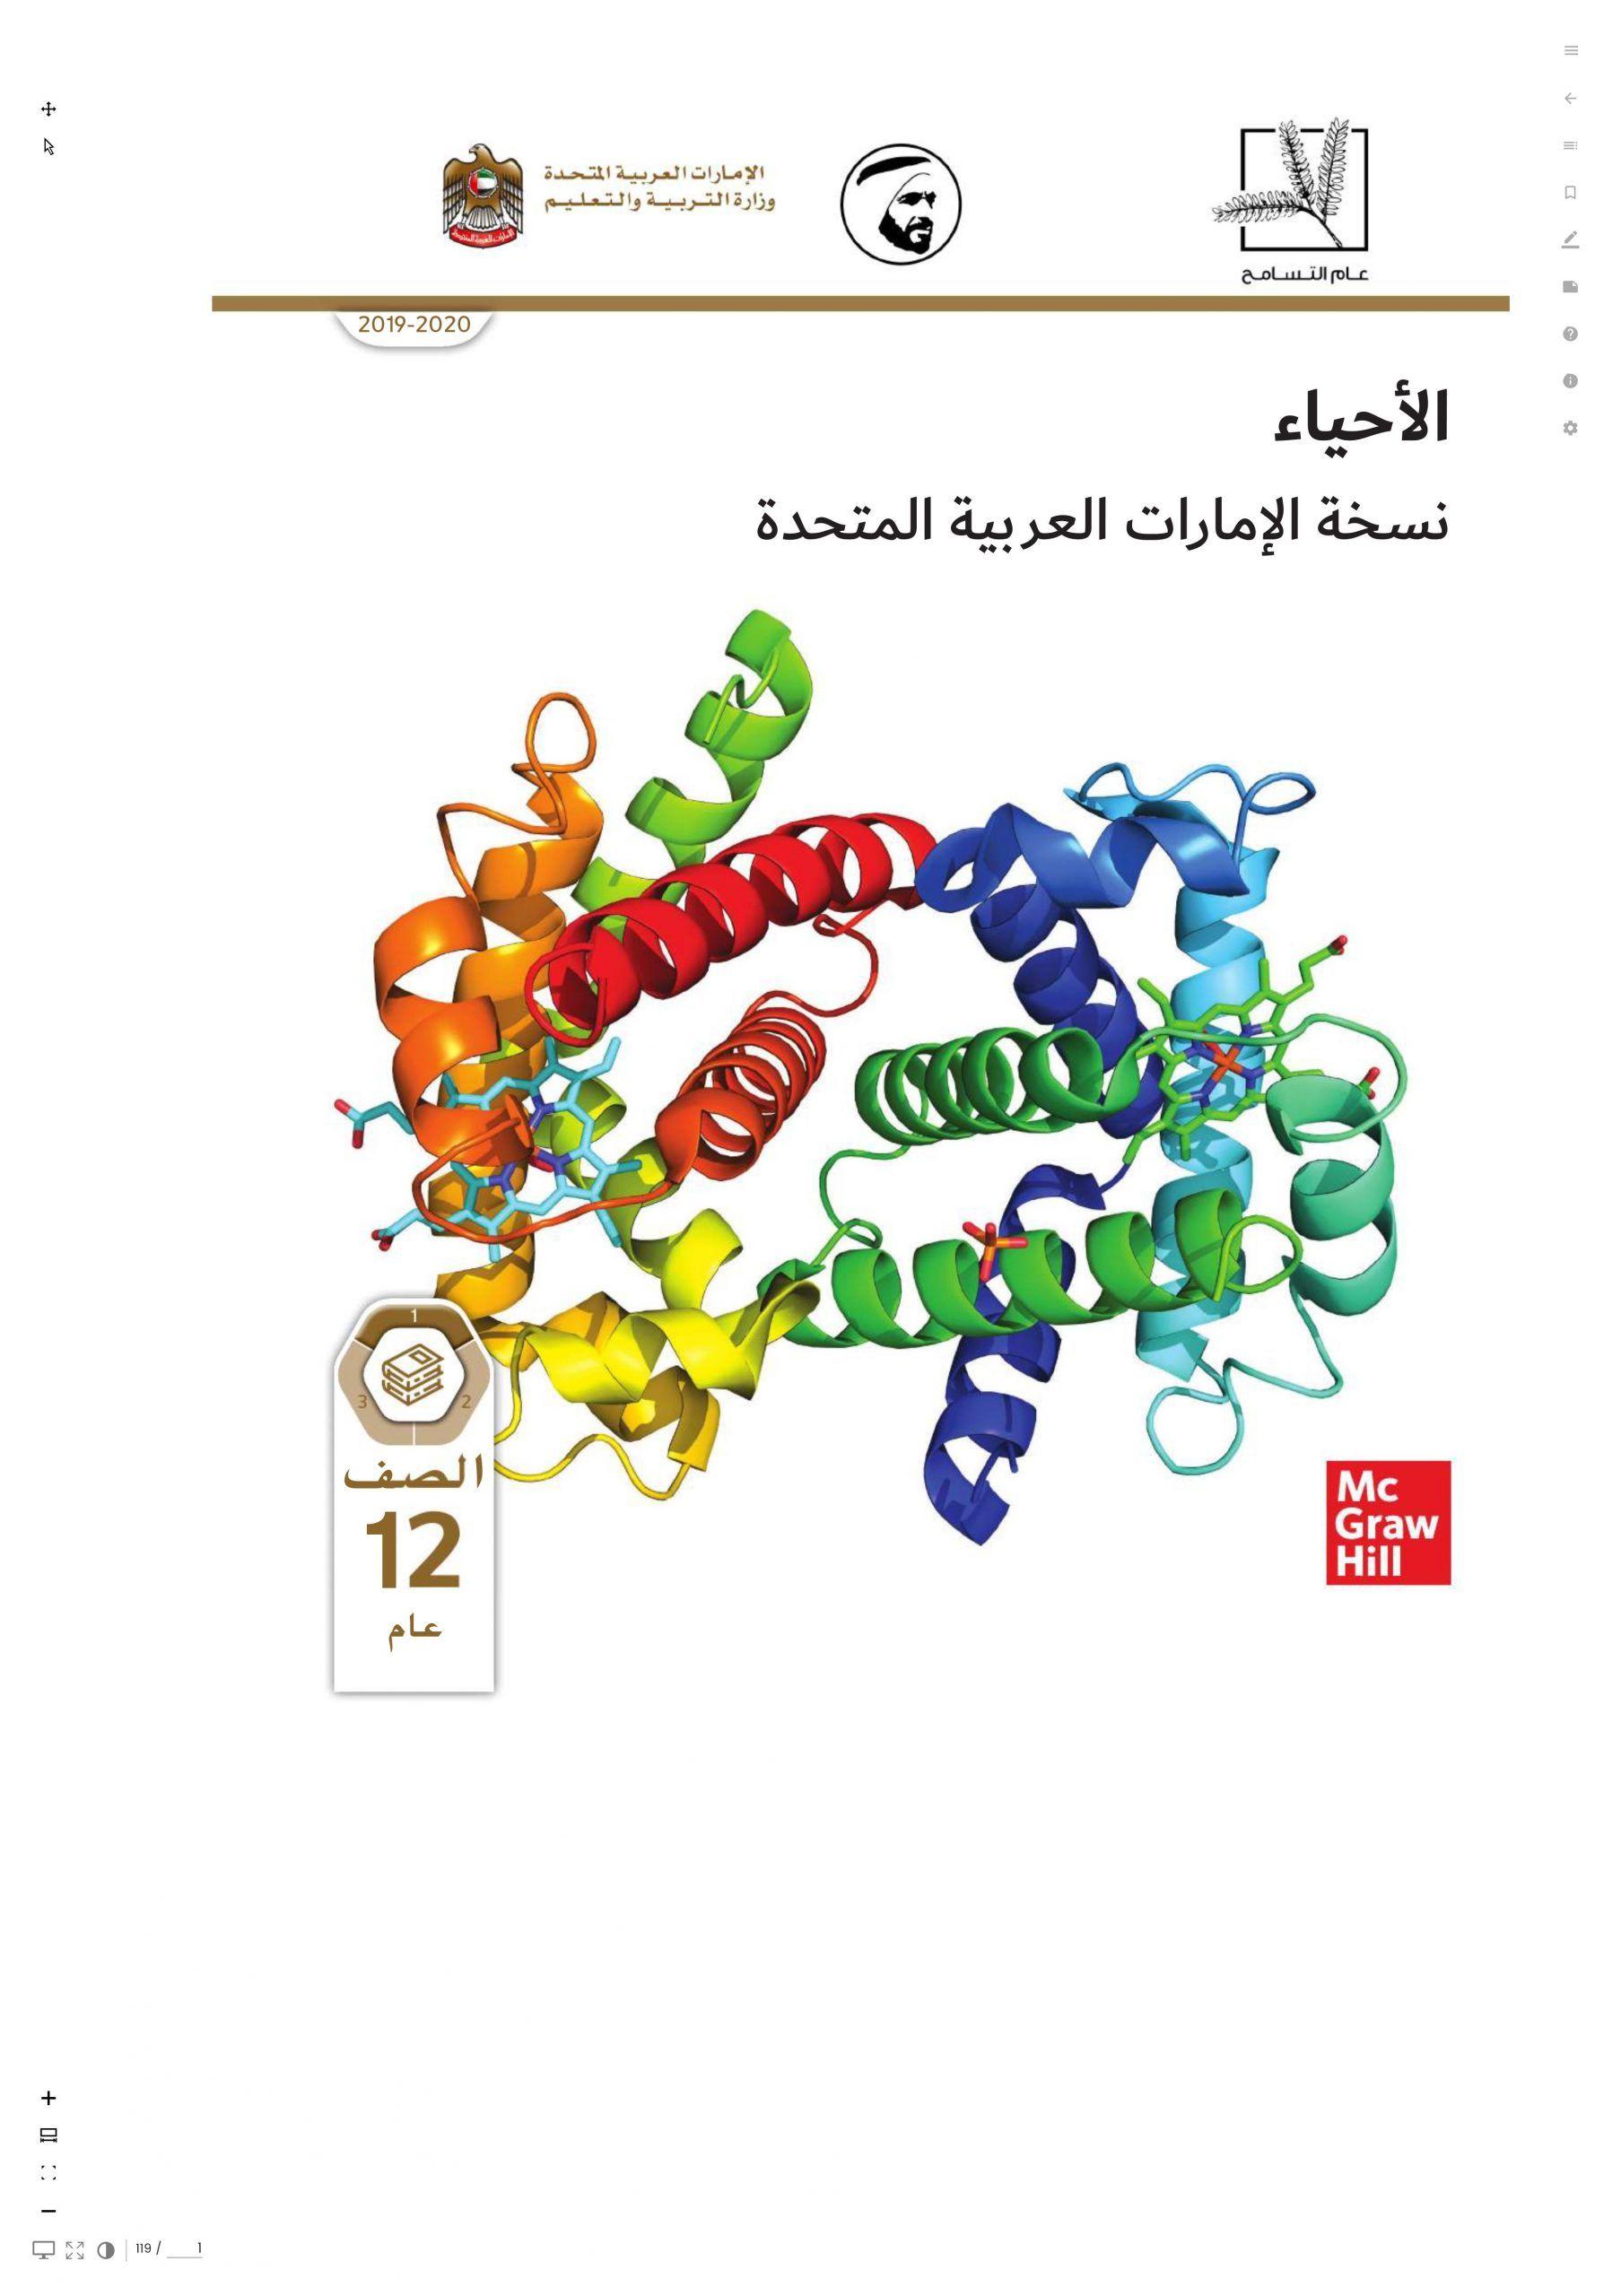 كتاب الطالب 2019 2020 للصف الثاني عشر عام مادة الاحياء Symbols Letters Map